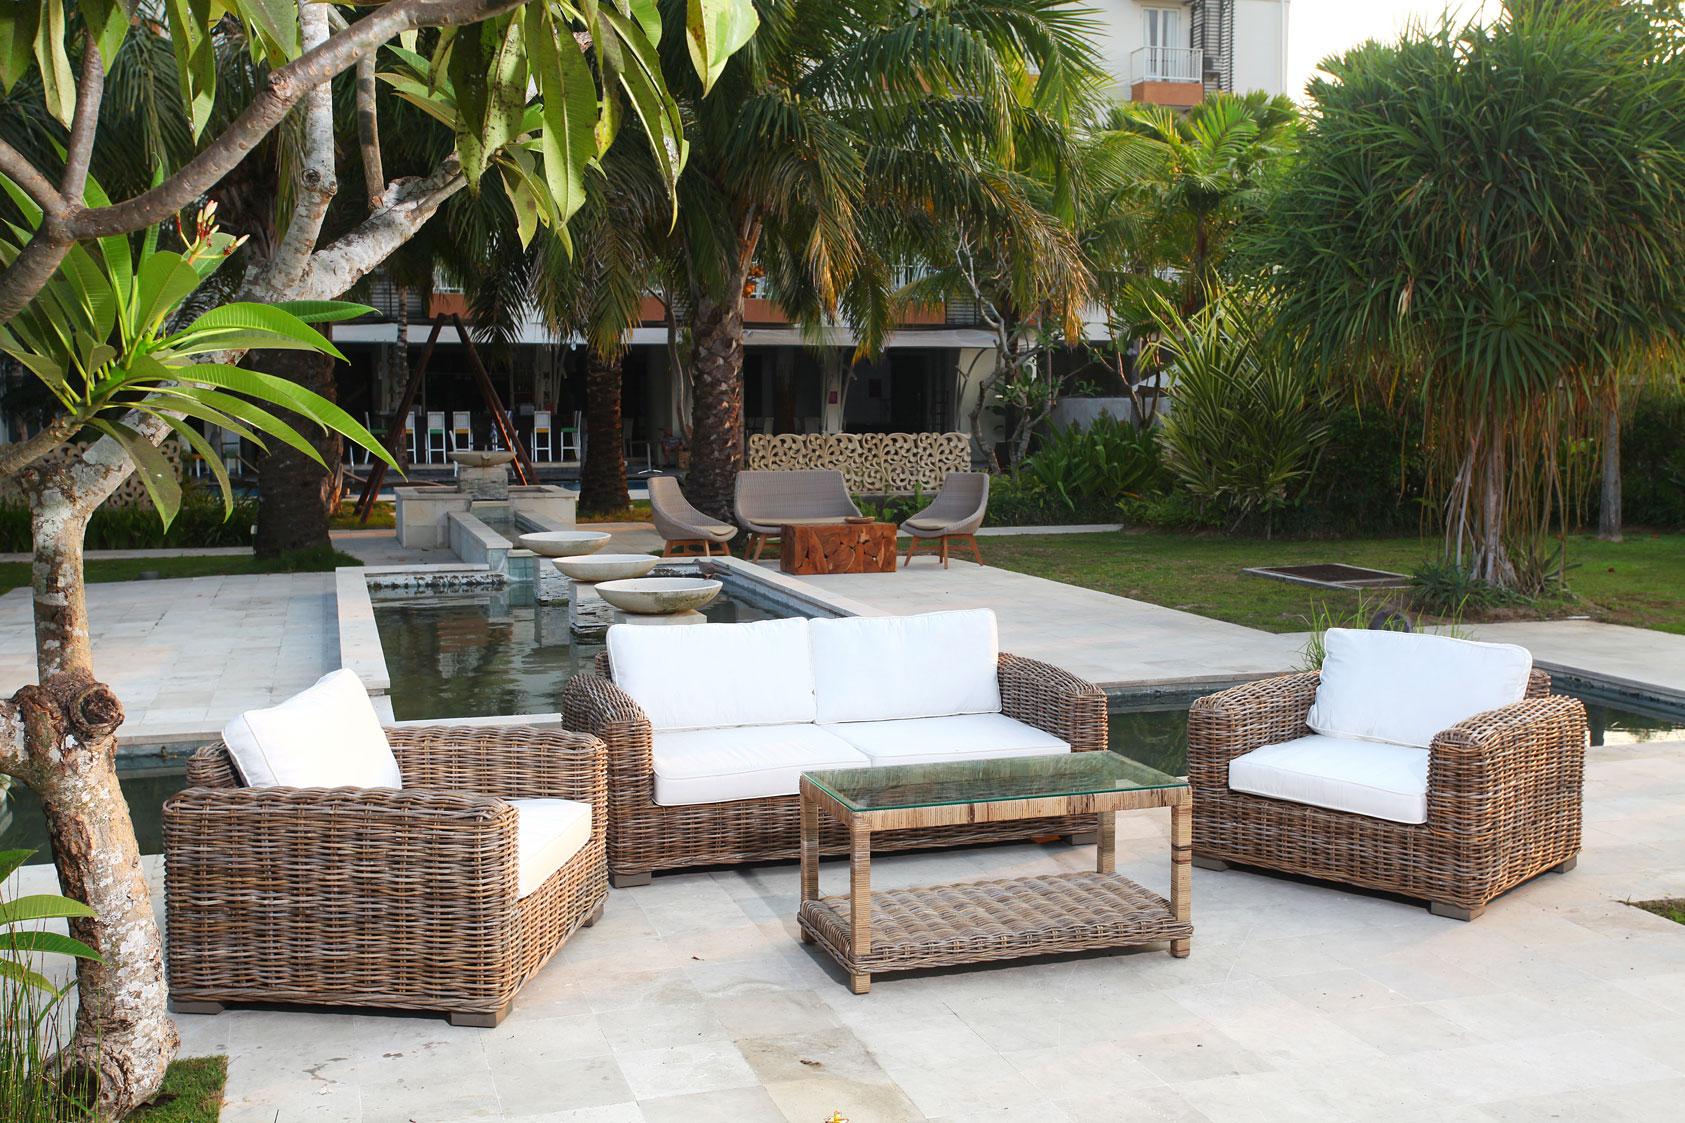 4tlg loungem bel set sitzgruppe living aus rattan in kubu grey 6722. Black Bedroom Furniture Sets. Home Design Ideas